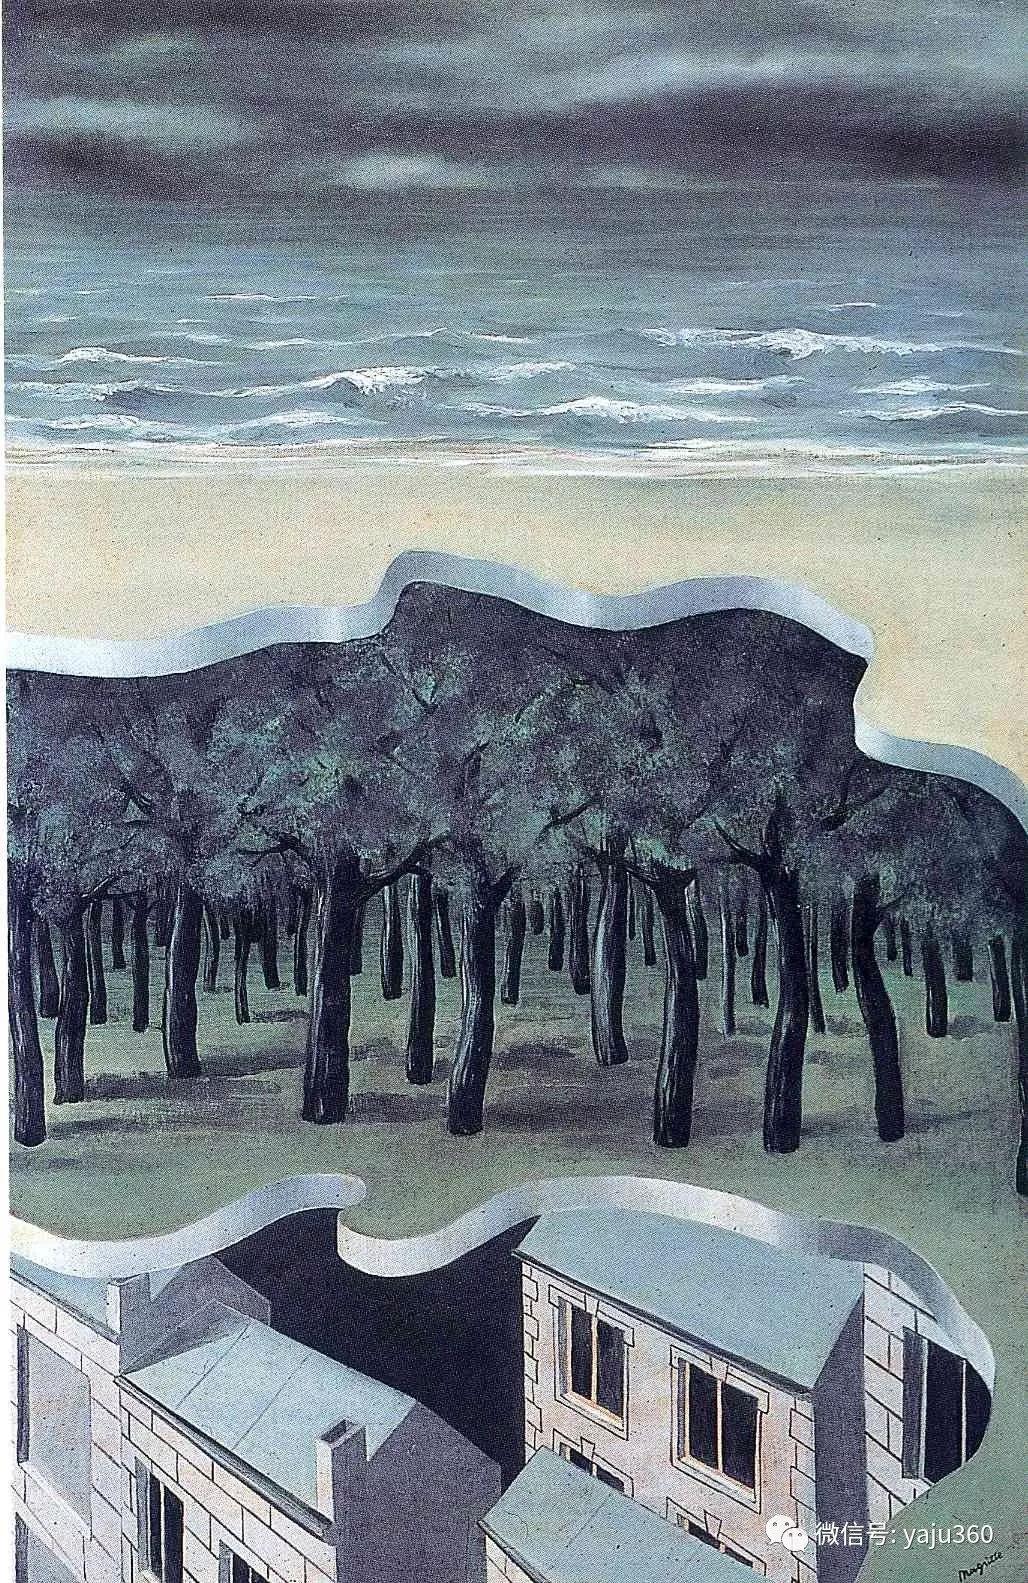 超现实主义 比利时画家Rene Magritte插图41